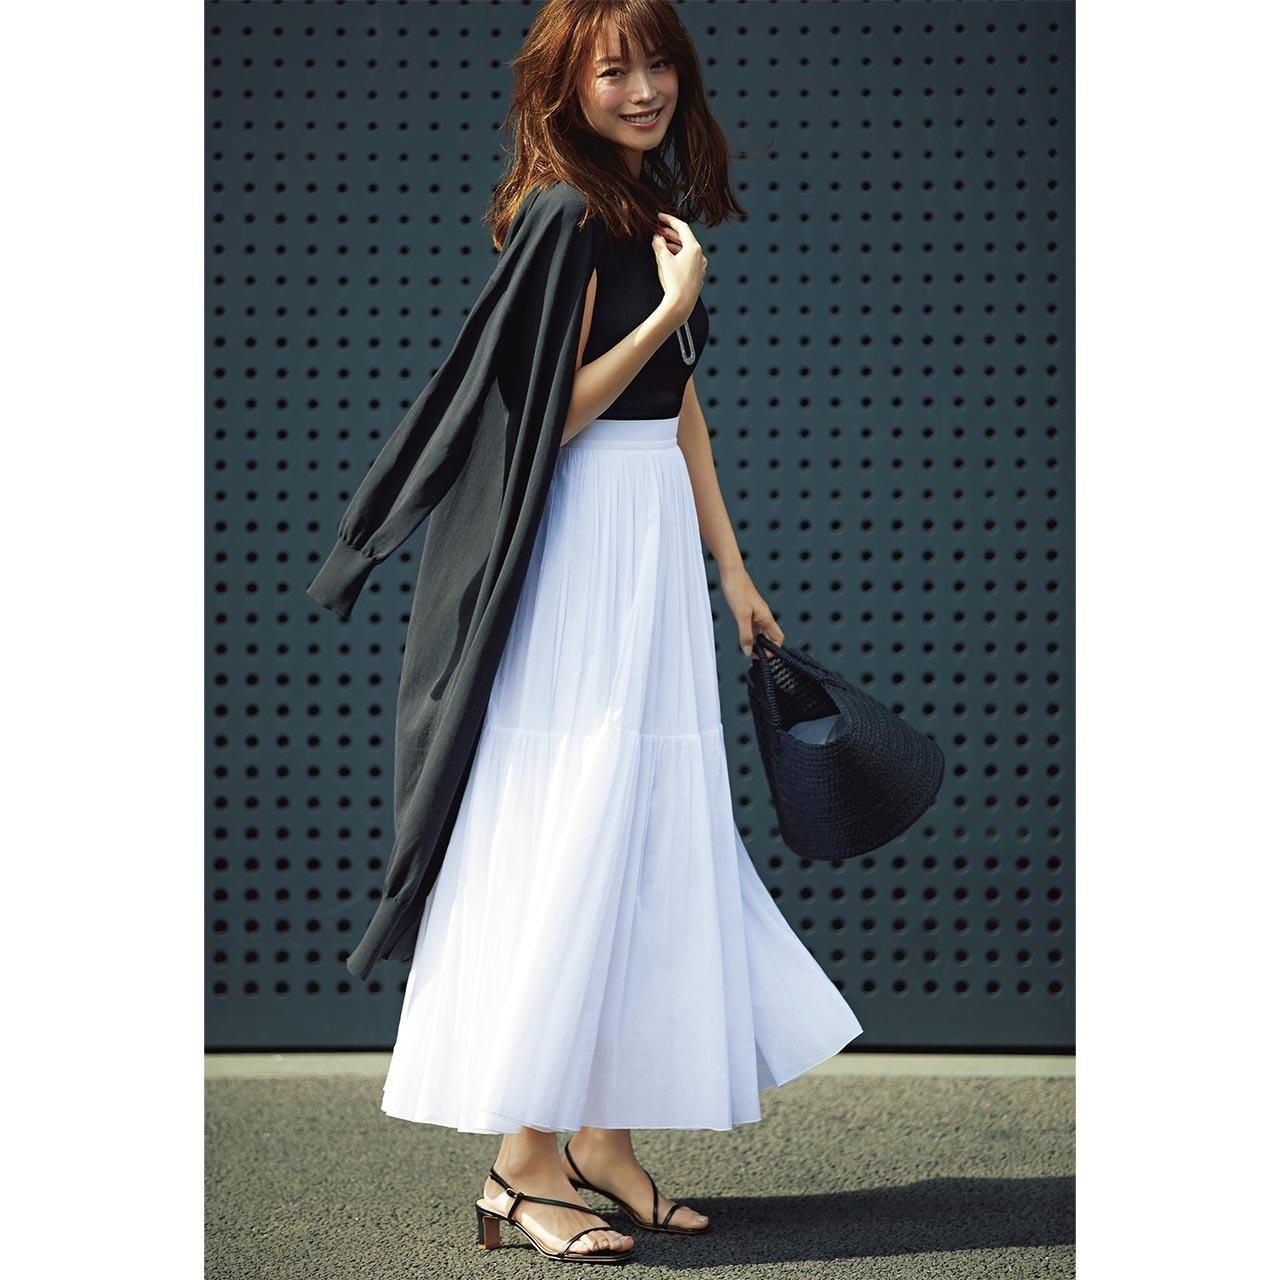 ■黒ニット×黒カーディガン×白のボリュームスカートコーデ